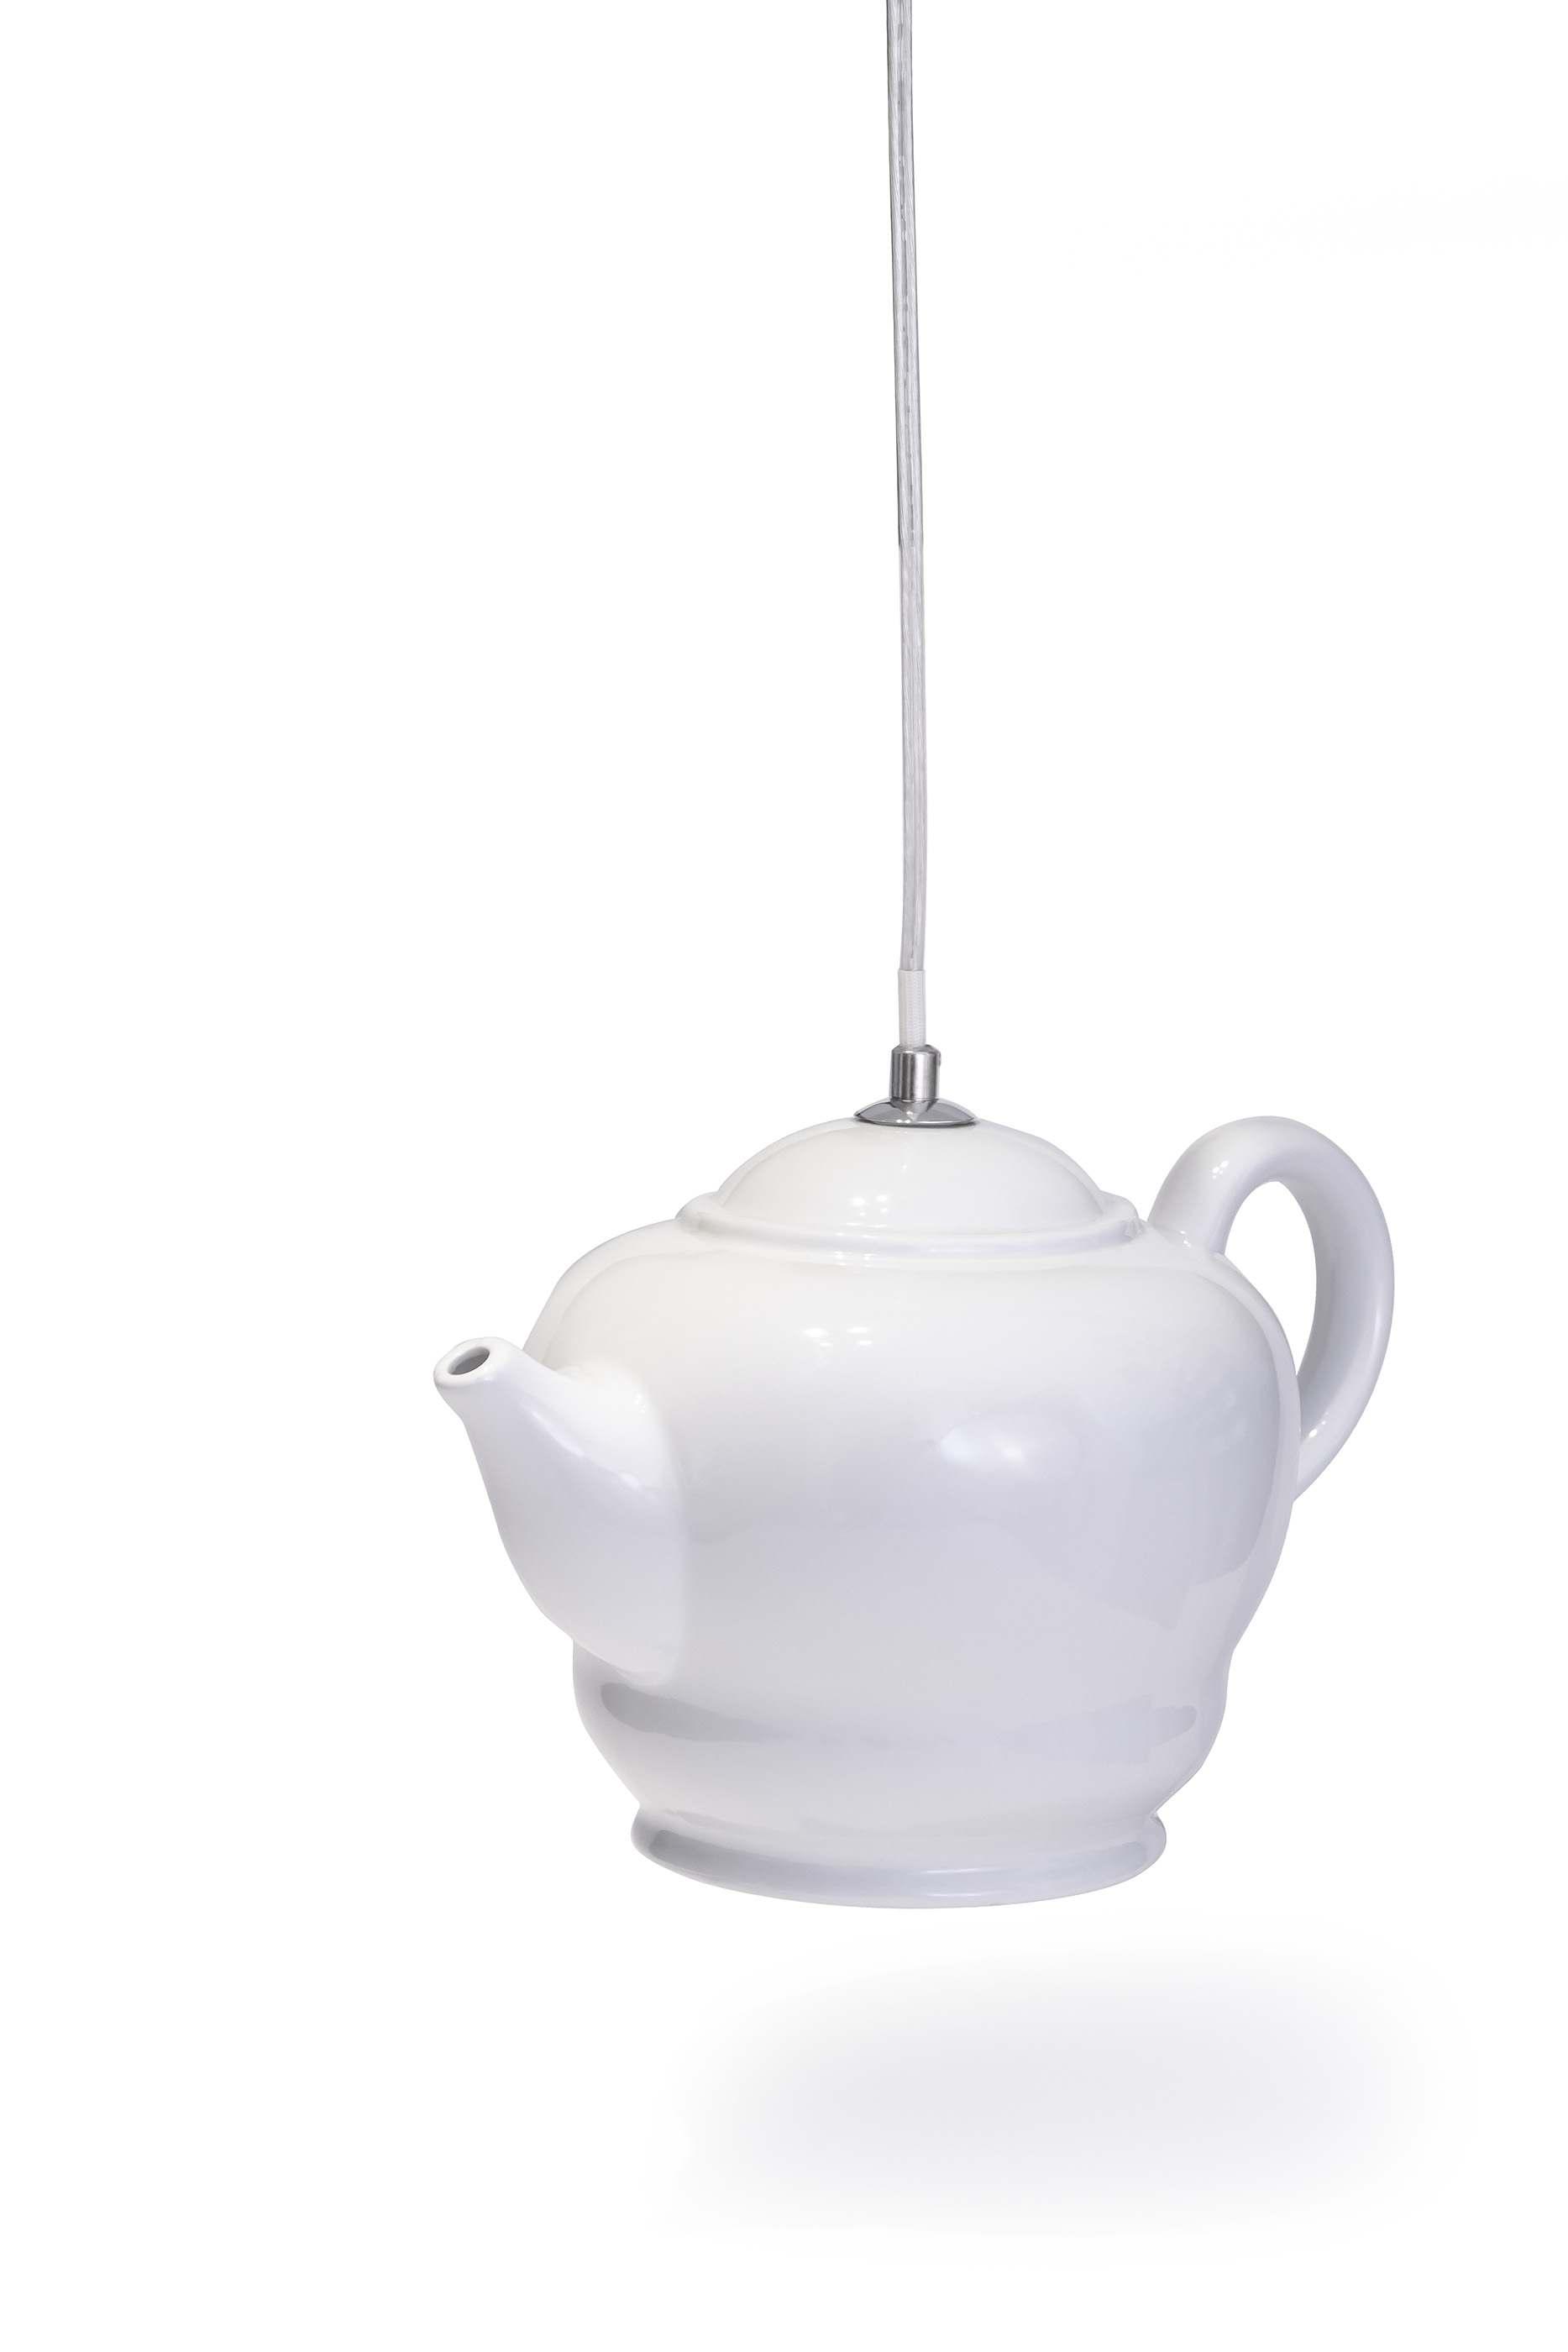 Lampe in Form einer Teekanne